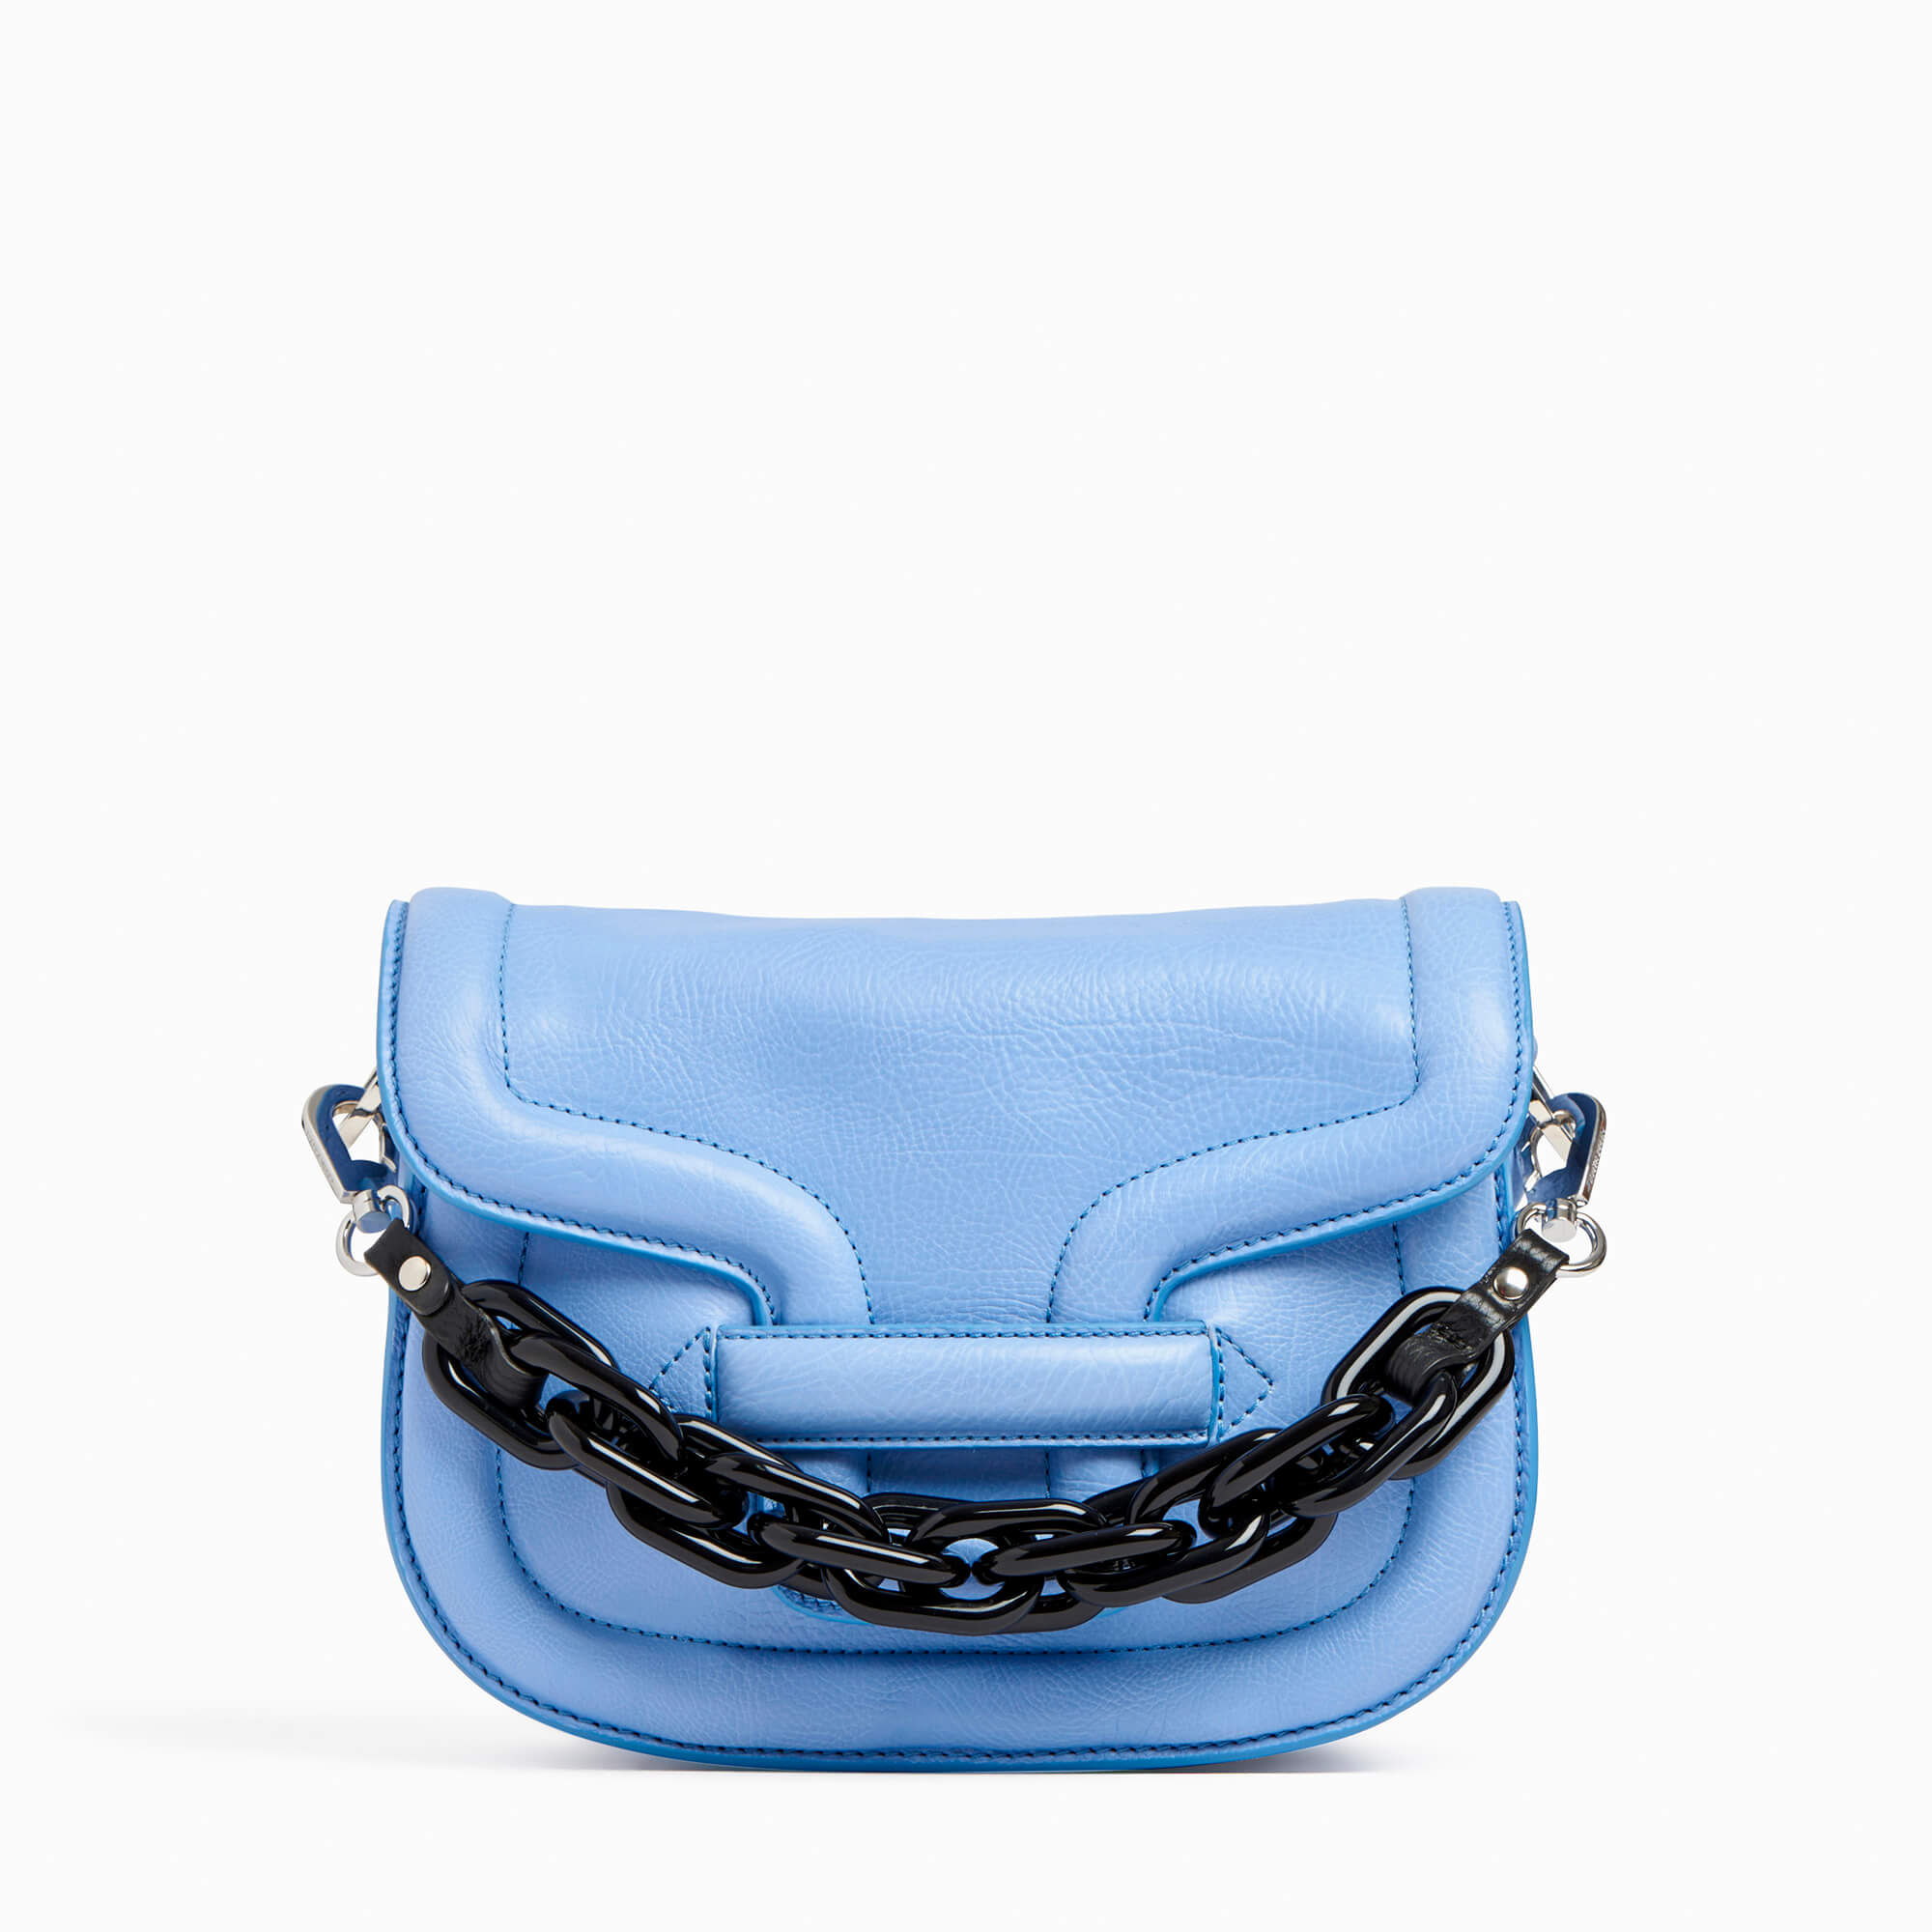 独創的なデザインで人気のブランド、Pierre Hardyのオシャレなバッグ&シューズ